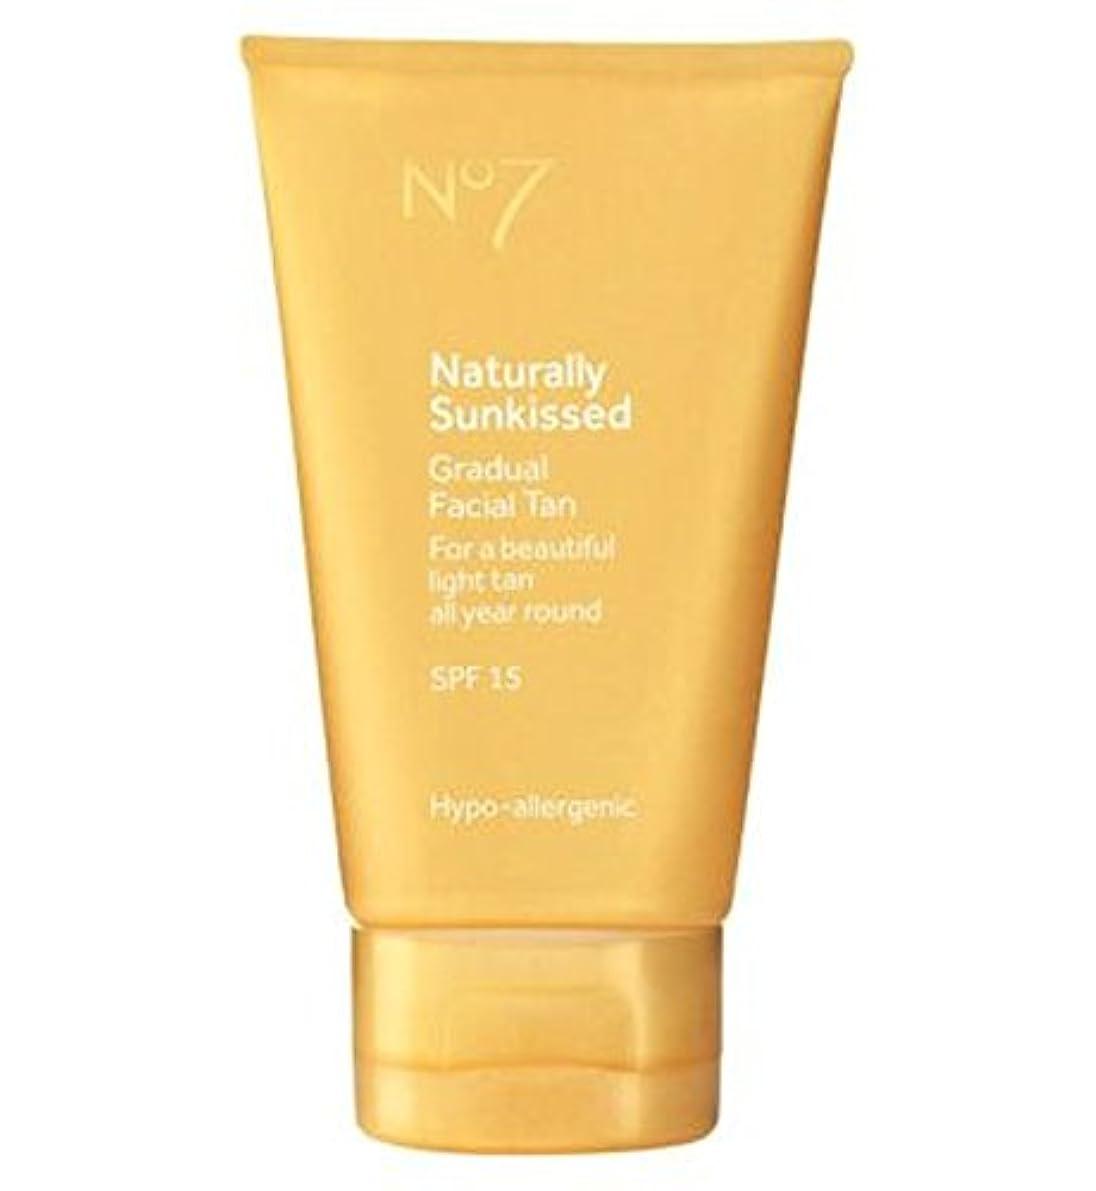 通貨死にかけているチャンピオンNo7 Naturally Sun Kissed Gradual Face Tan SP15 - No7は自然に太陽が緩やかな顔日焼けSp15にキスをしました (No7) [並行輸入品]